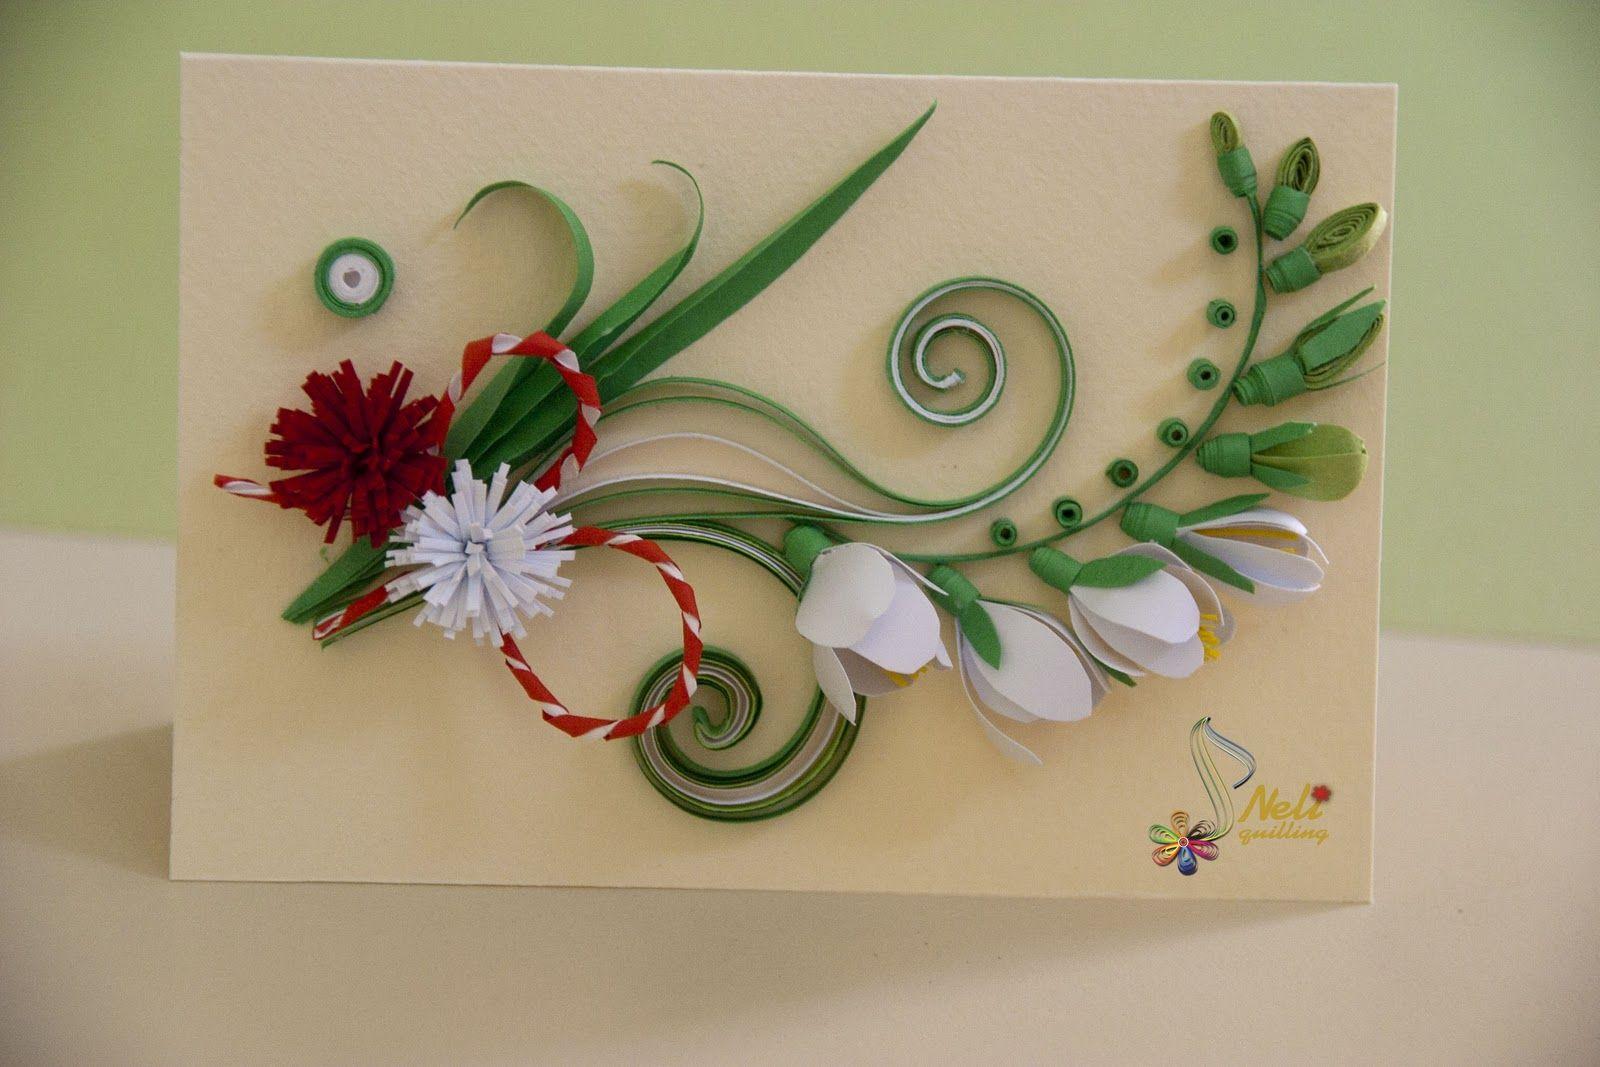 цветы из бумаги квиллинг для открытки своими руками номера них заметно